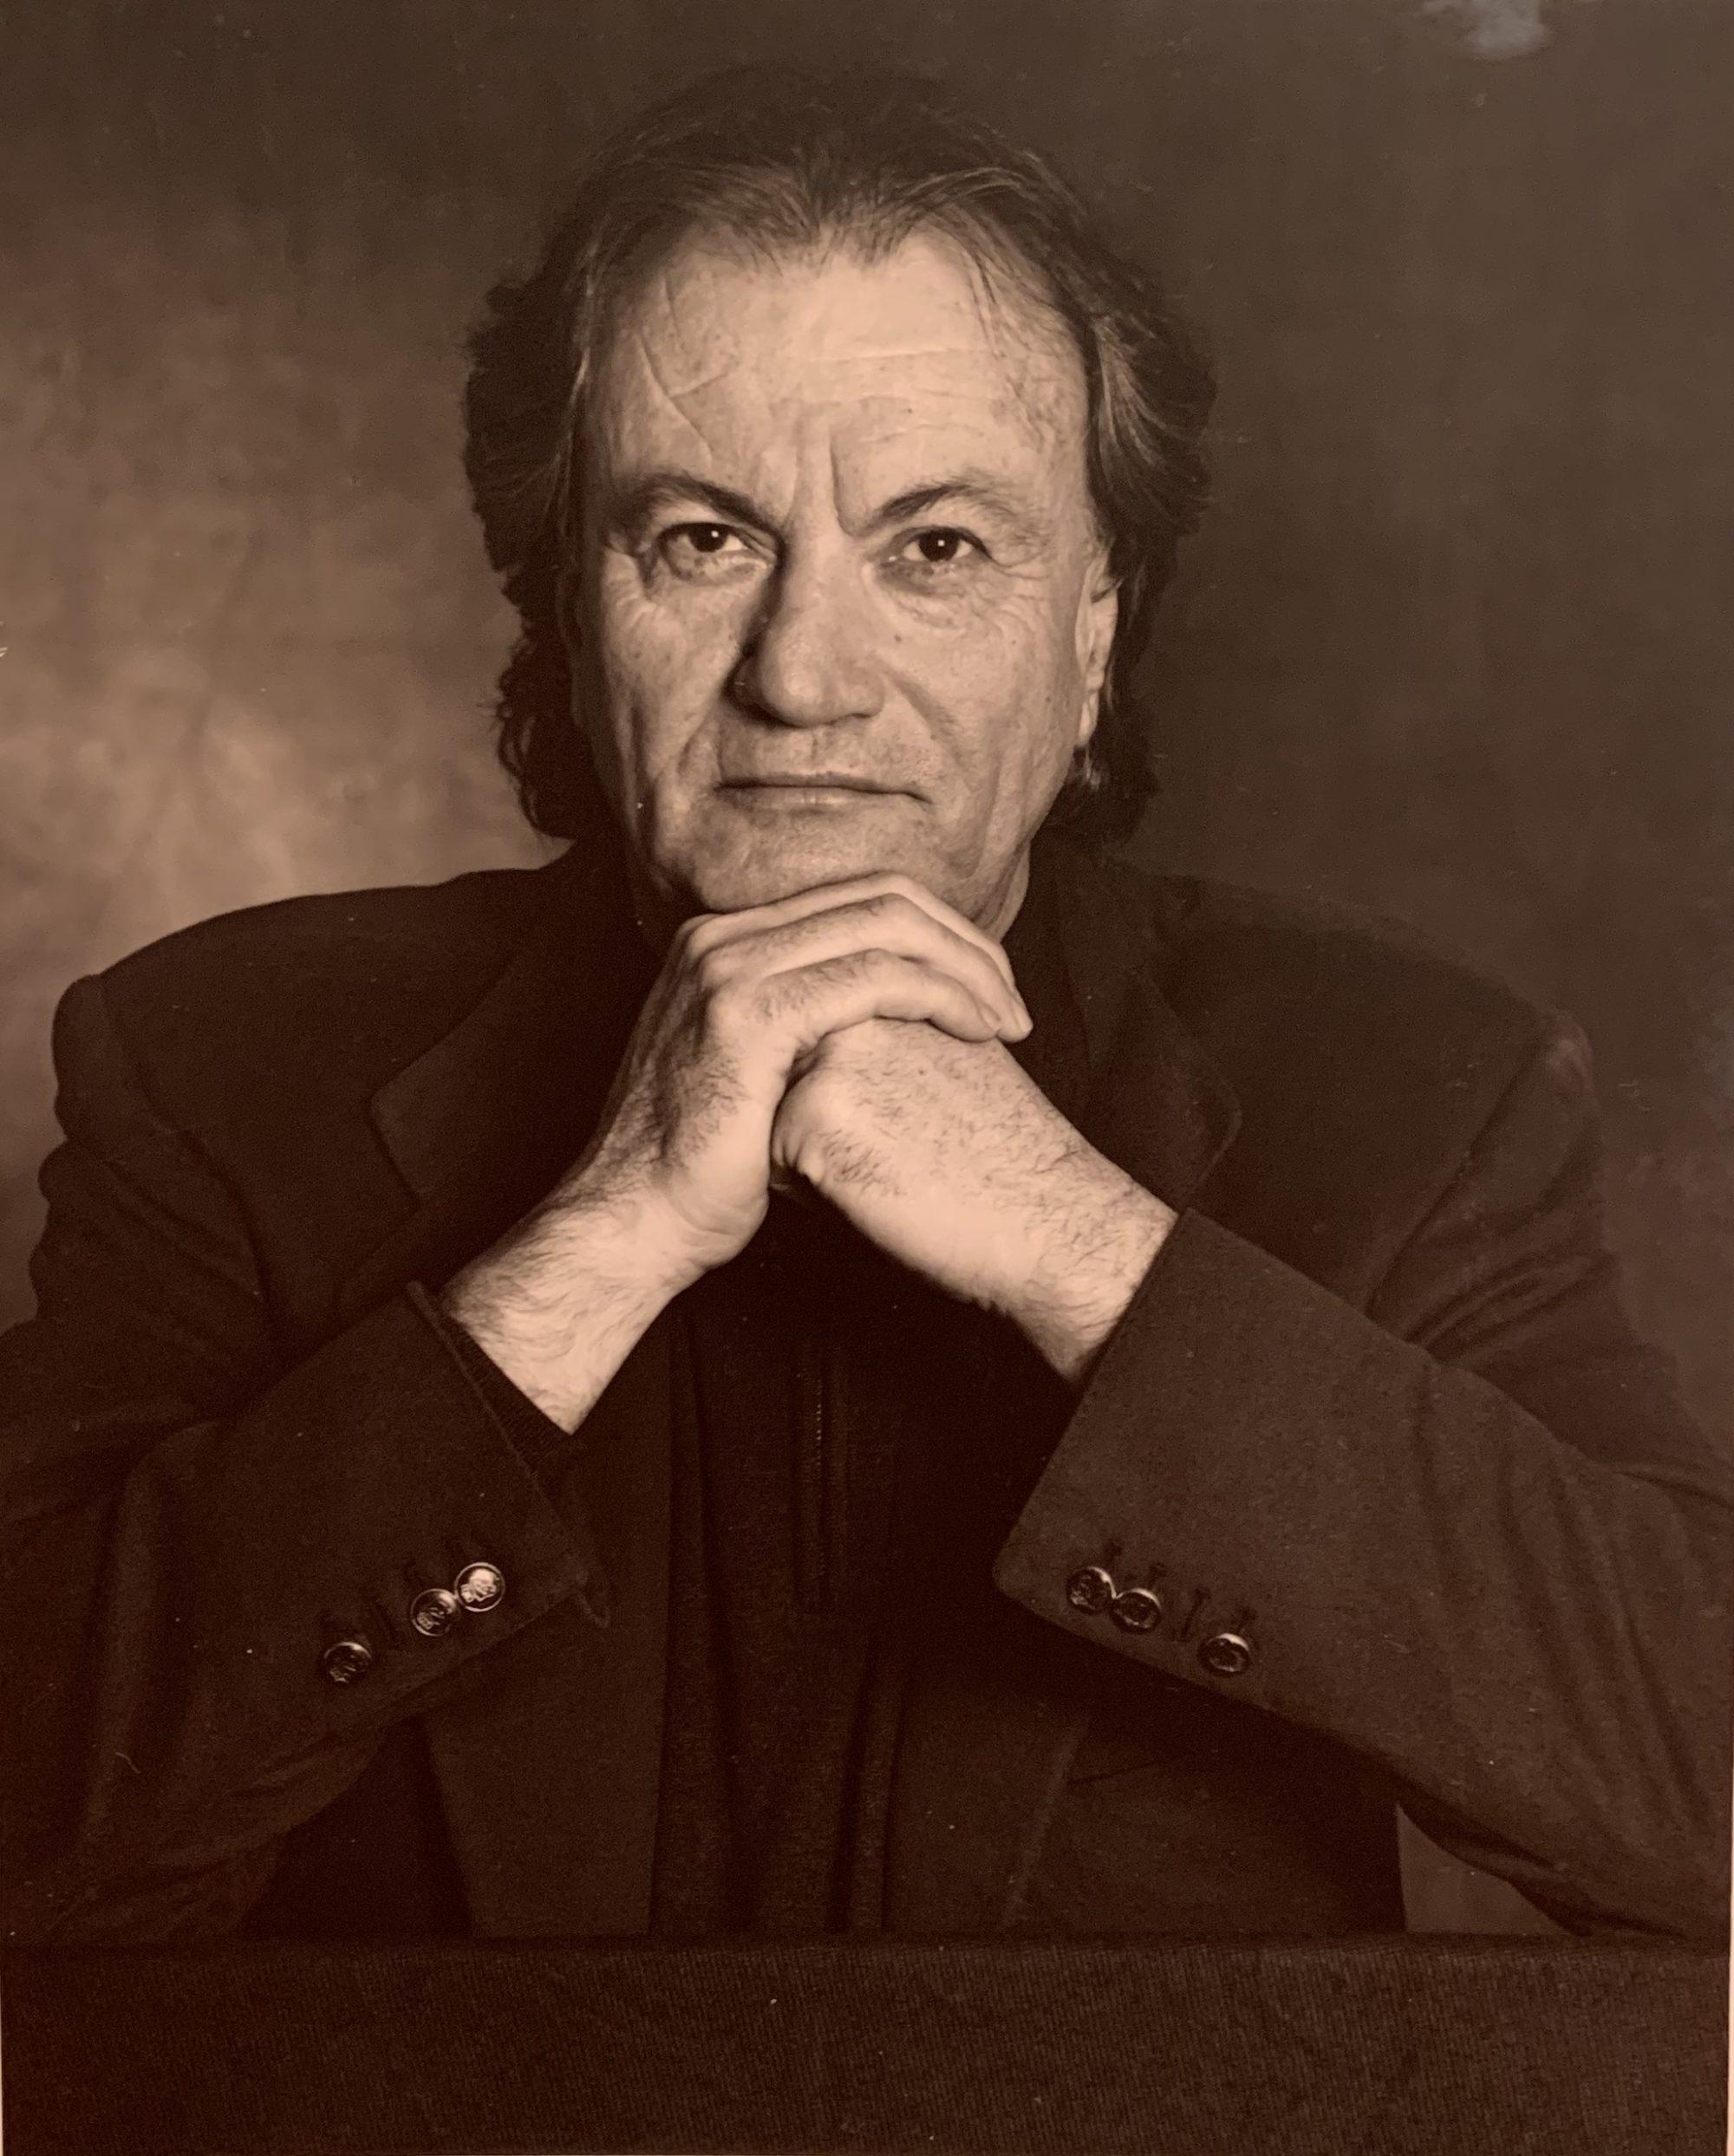 【新型肺炎】時尚界惡耗!意大利鞋王Sergio Rossi病逝 享年84歲